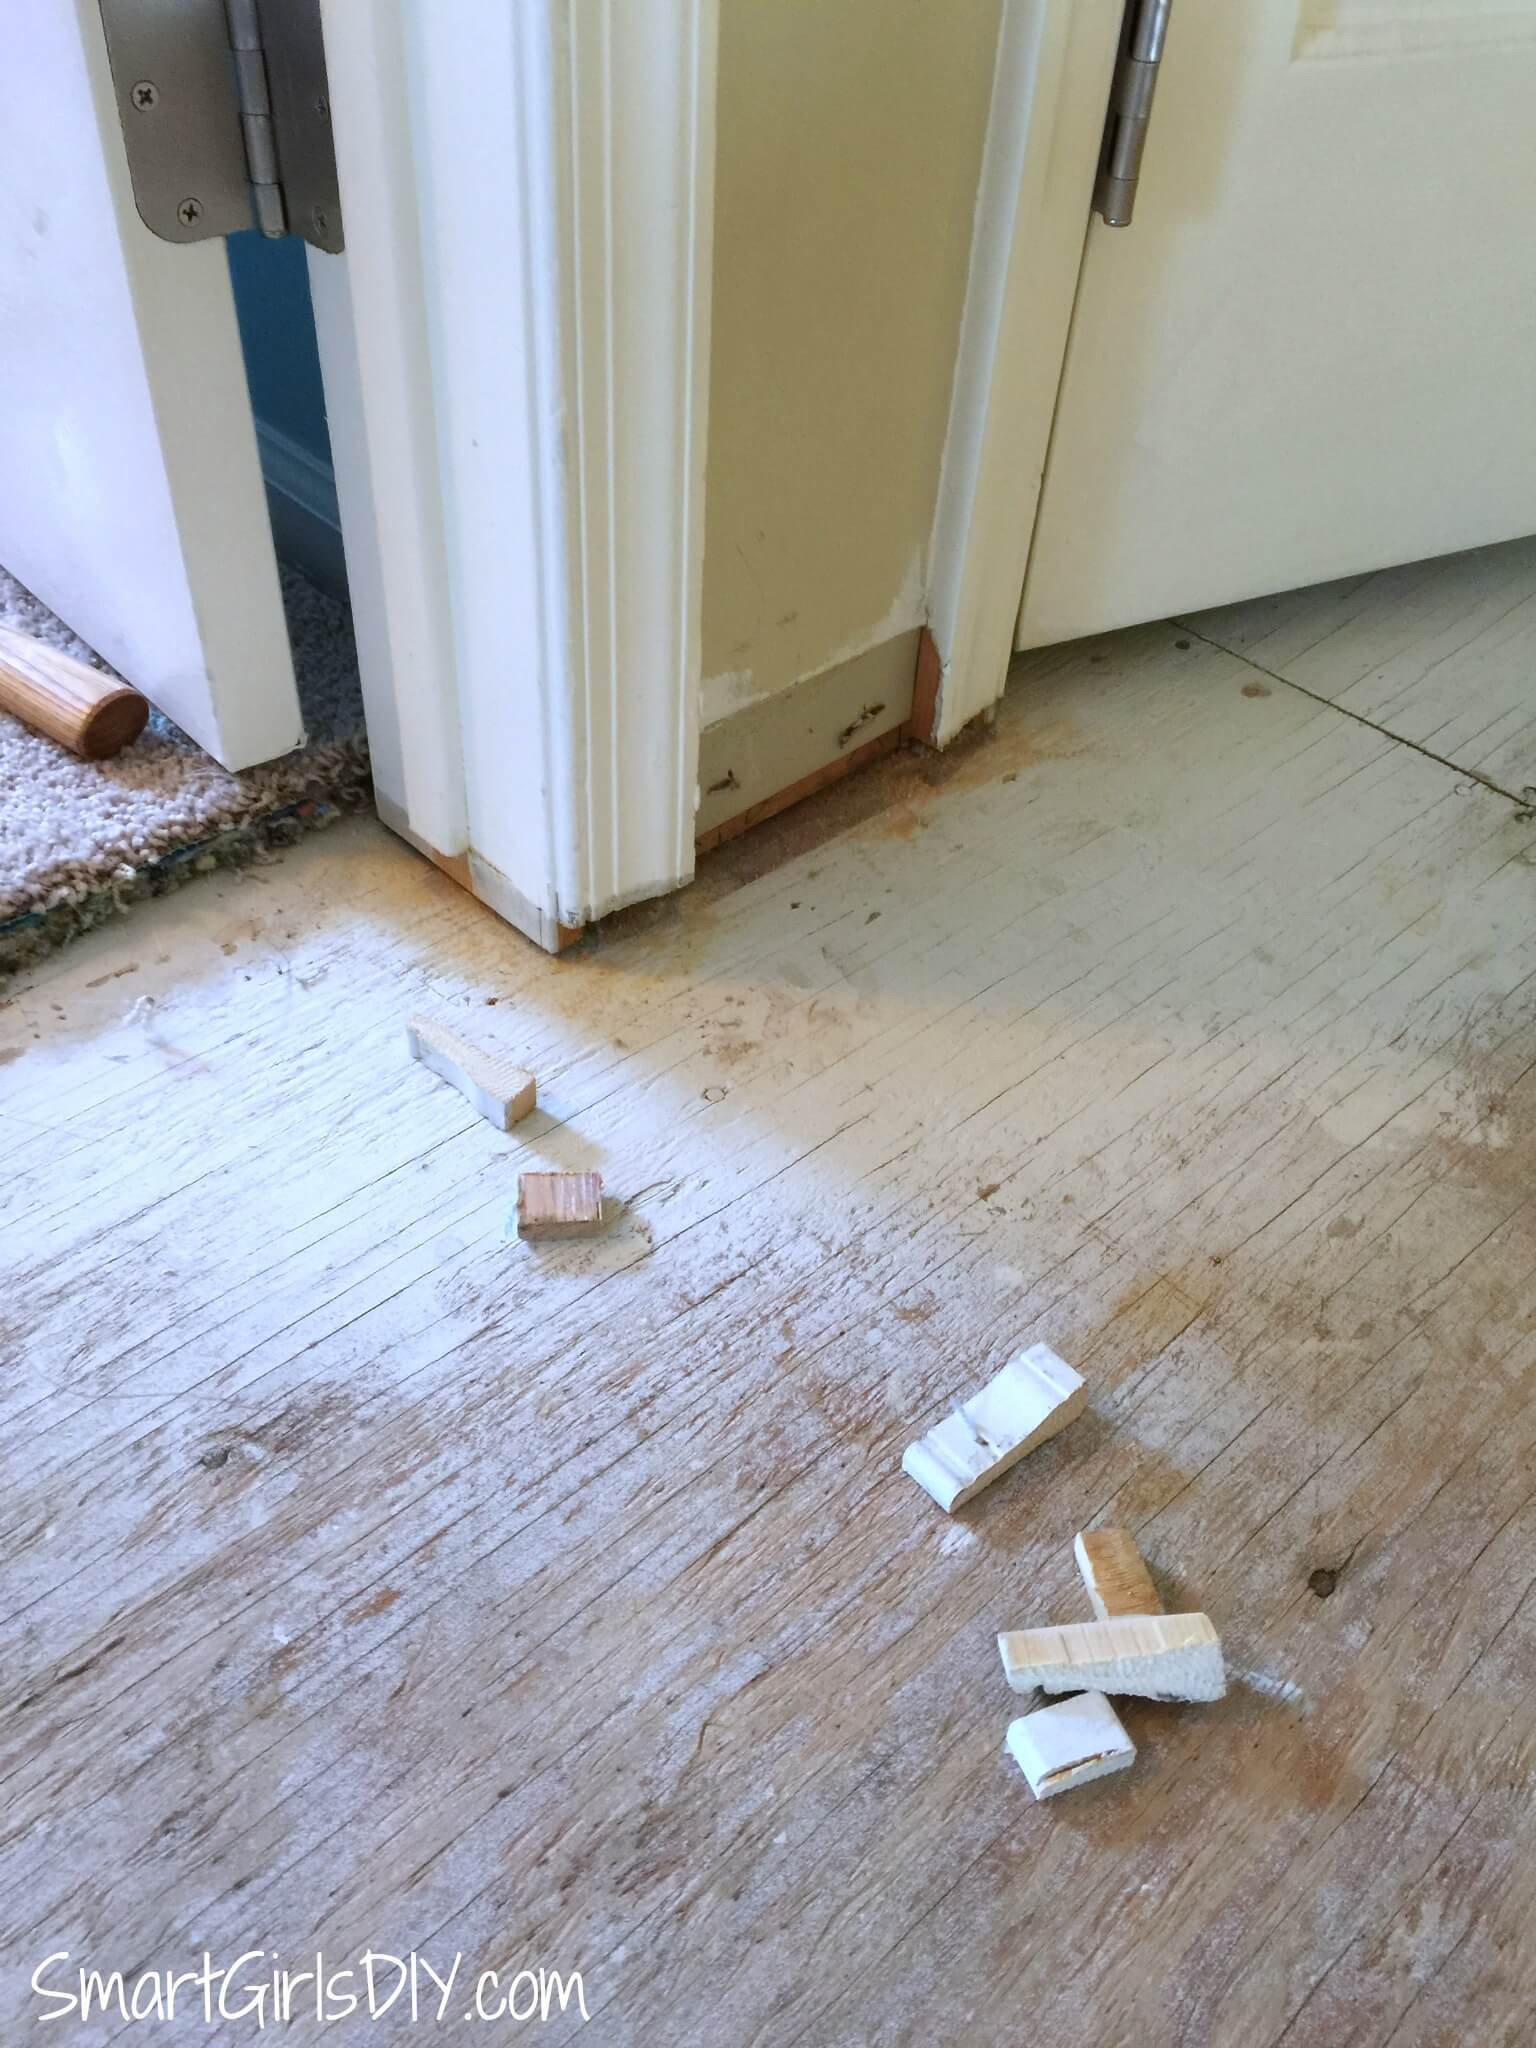 best moisture barrier for hardwood floors of upstairs hallway 1 installing hardwood floors with undercut door frames